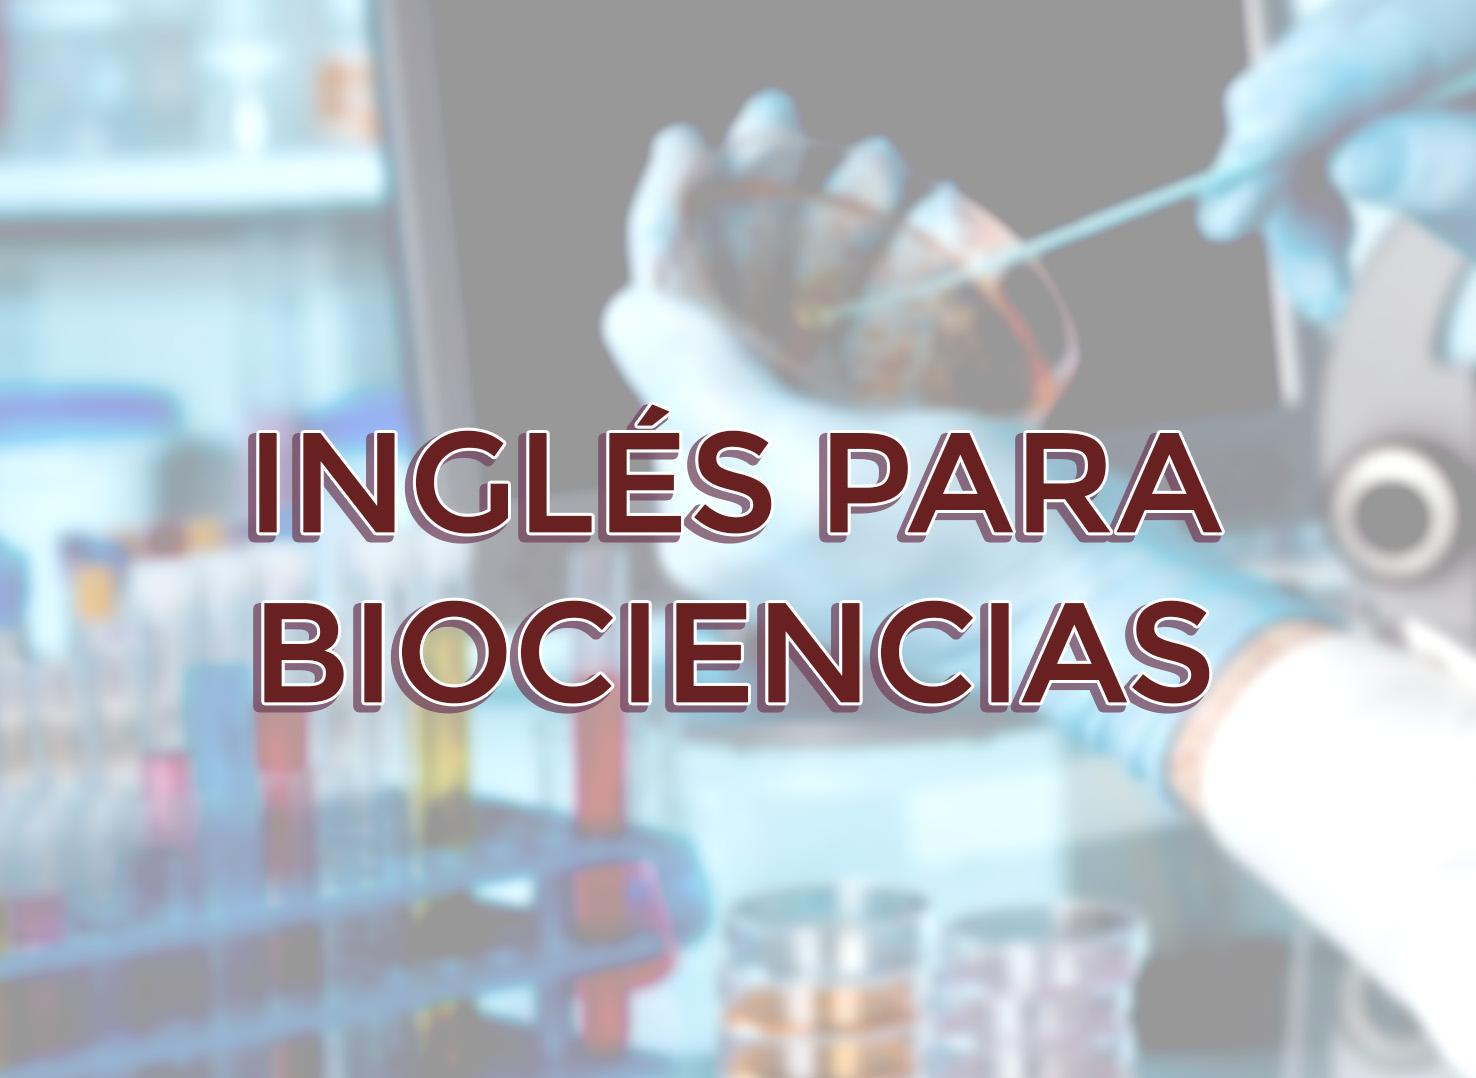 Examen de inglés para Biociencias